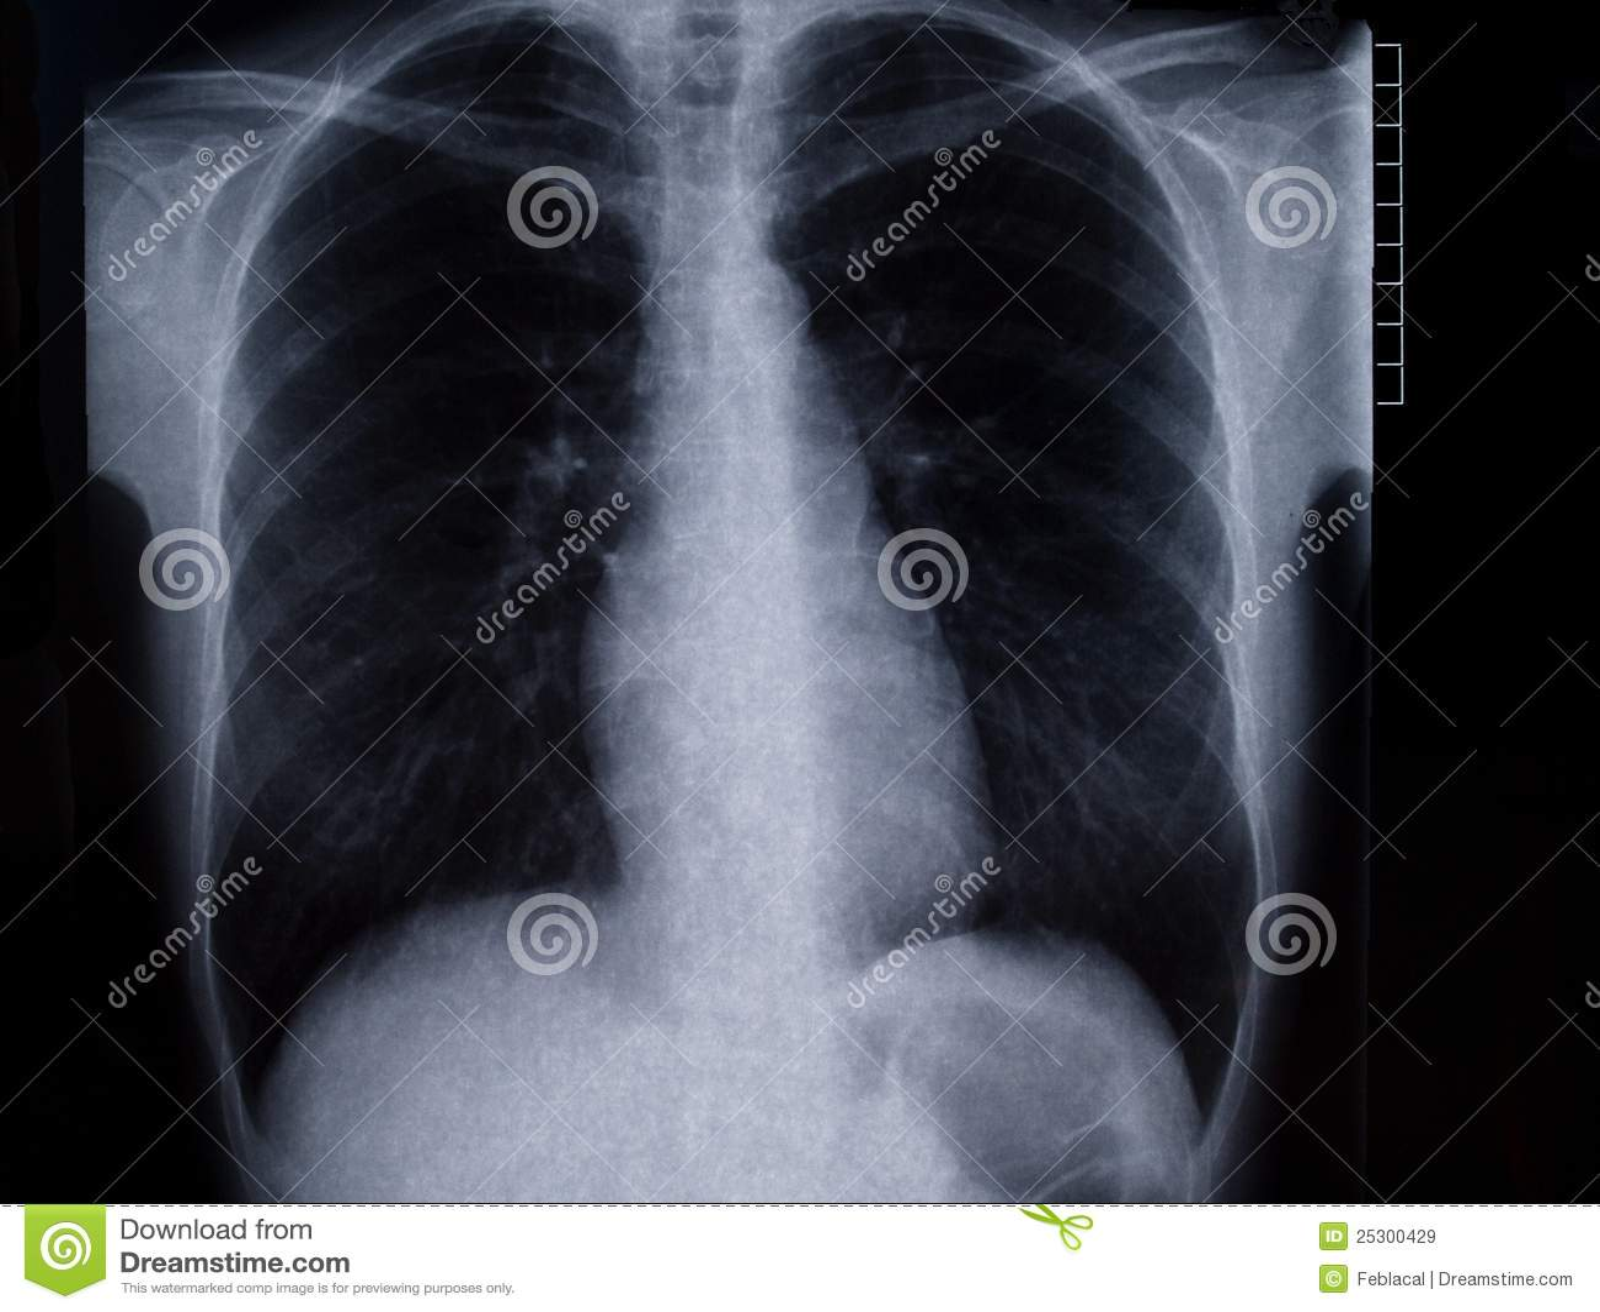 торакс рентгенографирования